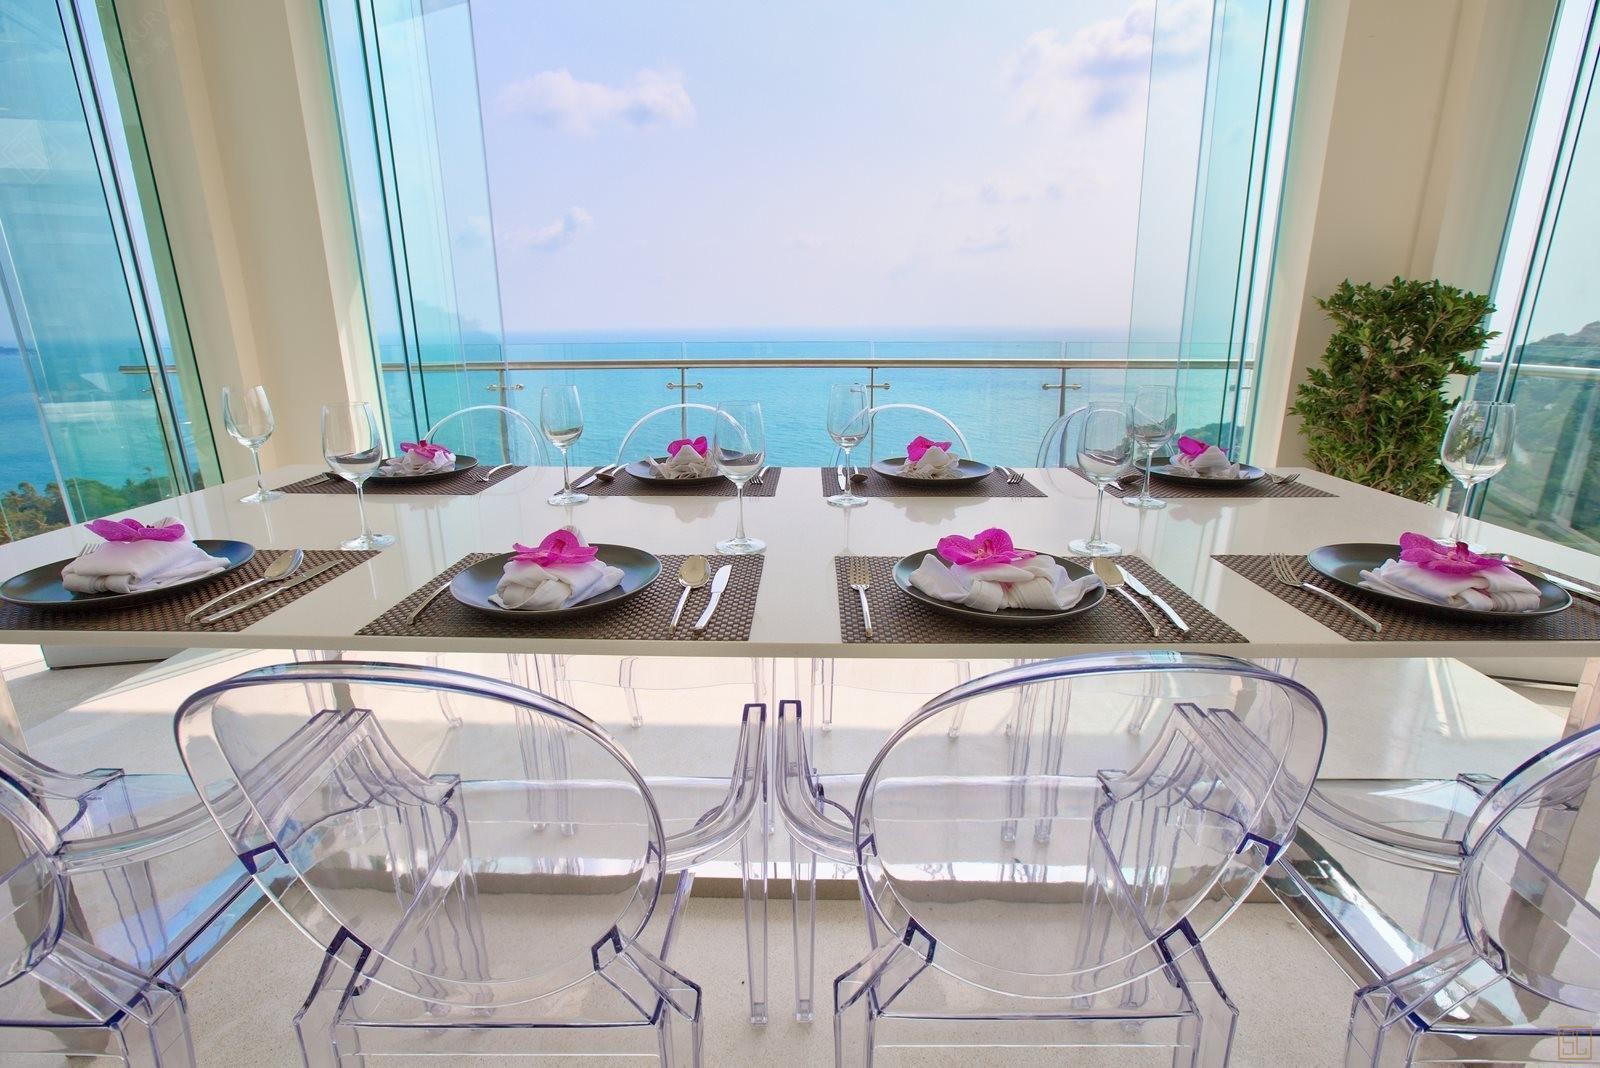 泰国苏梅岛萨瓦蒂别墅长桌